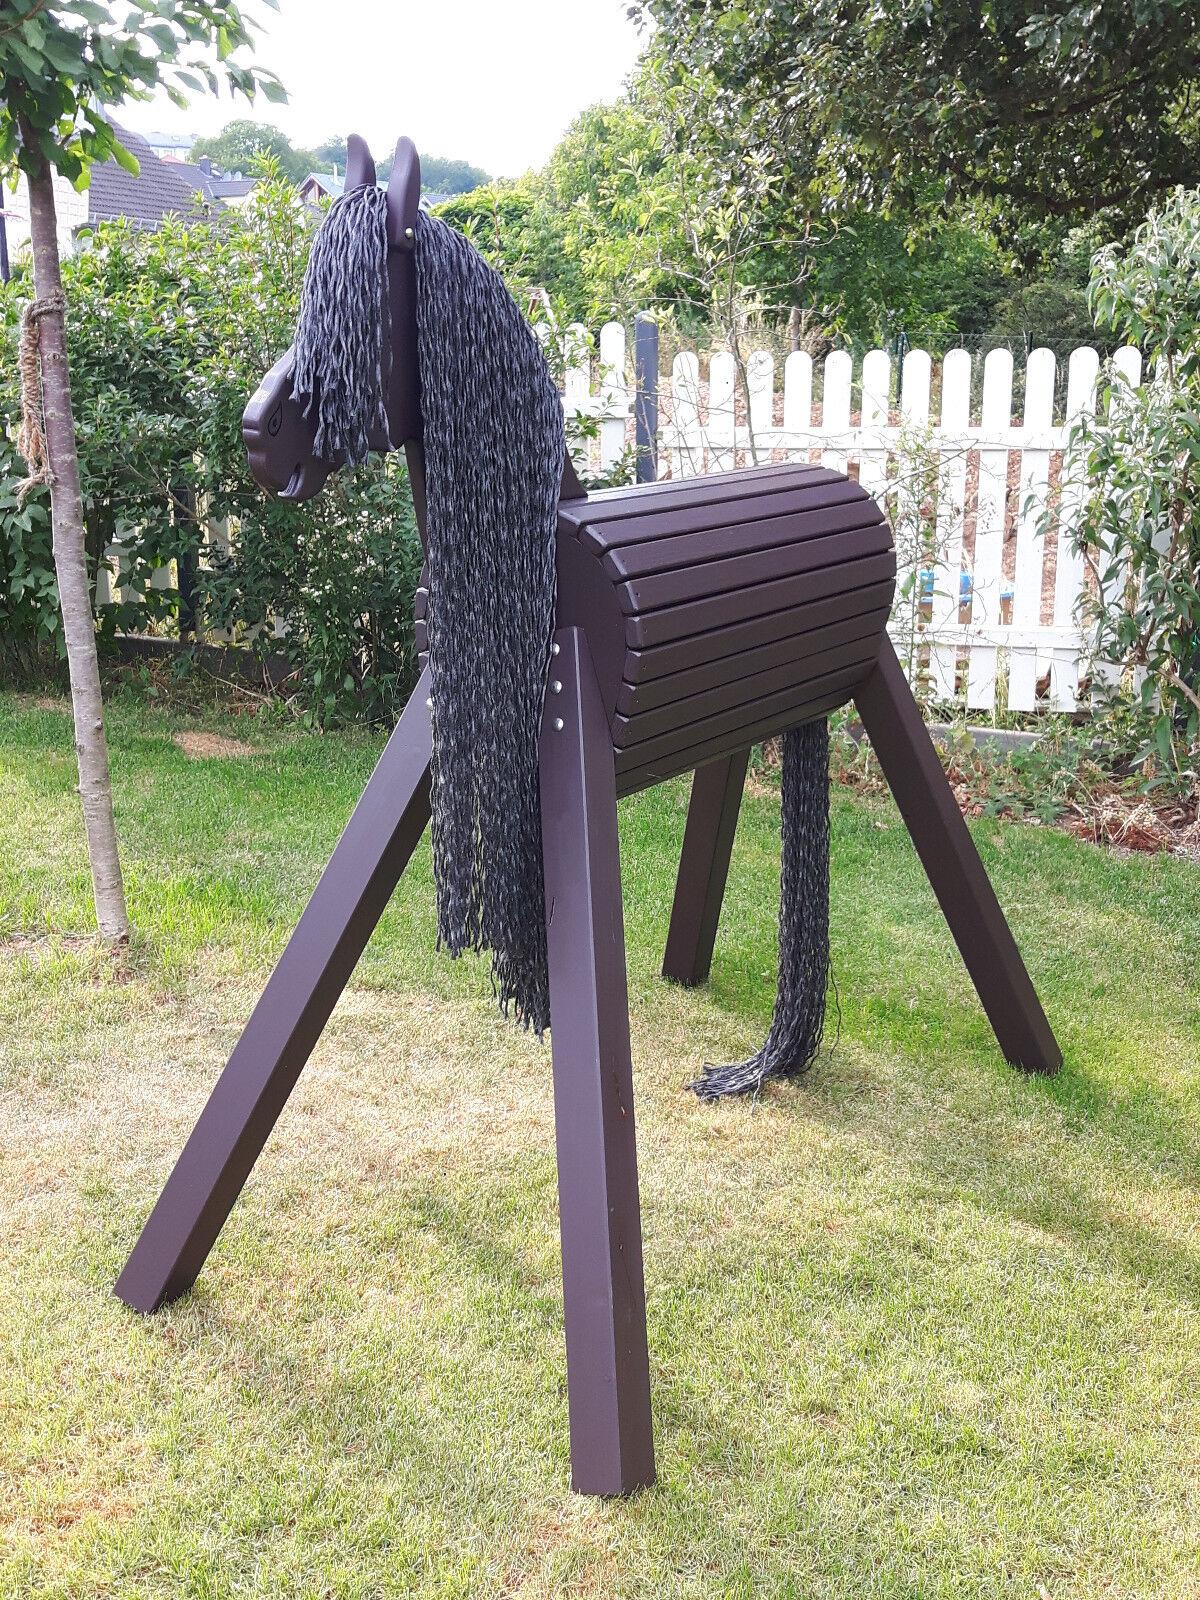 120cm Holzpferd Holzpony Voltigierpferd Spielpferd Pferd Pony mit Maul NEU